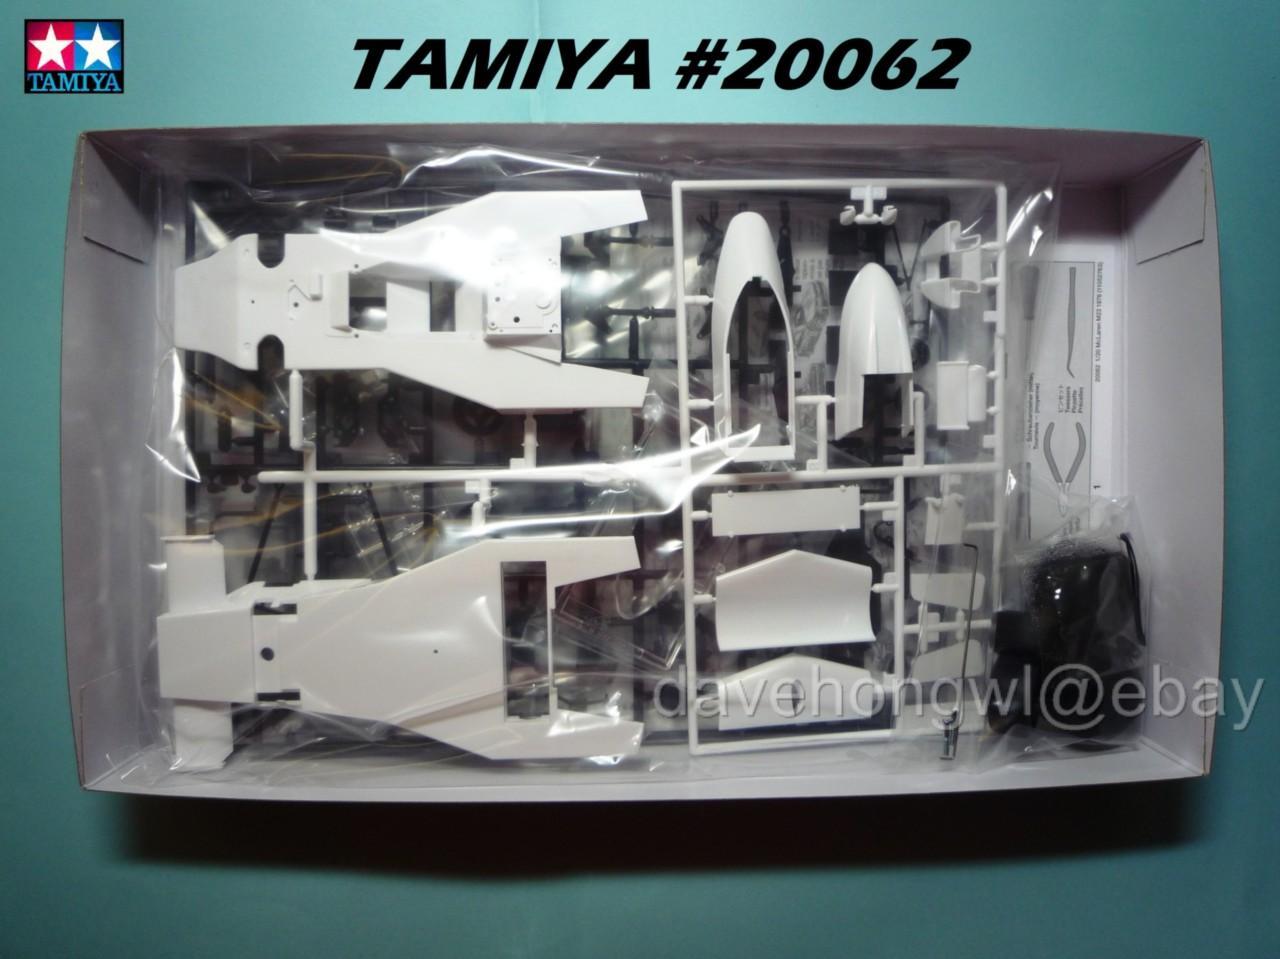 TAMIYA 20062 1/20 McLAREN M23 1976 F1 GP RACE Model Kit | eBay